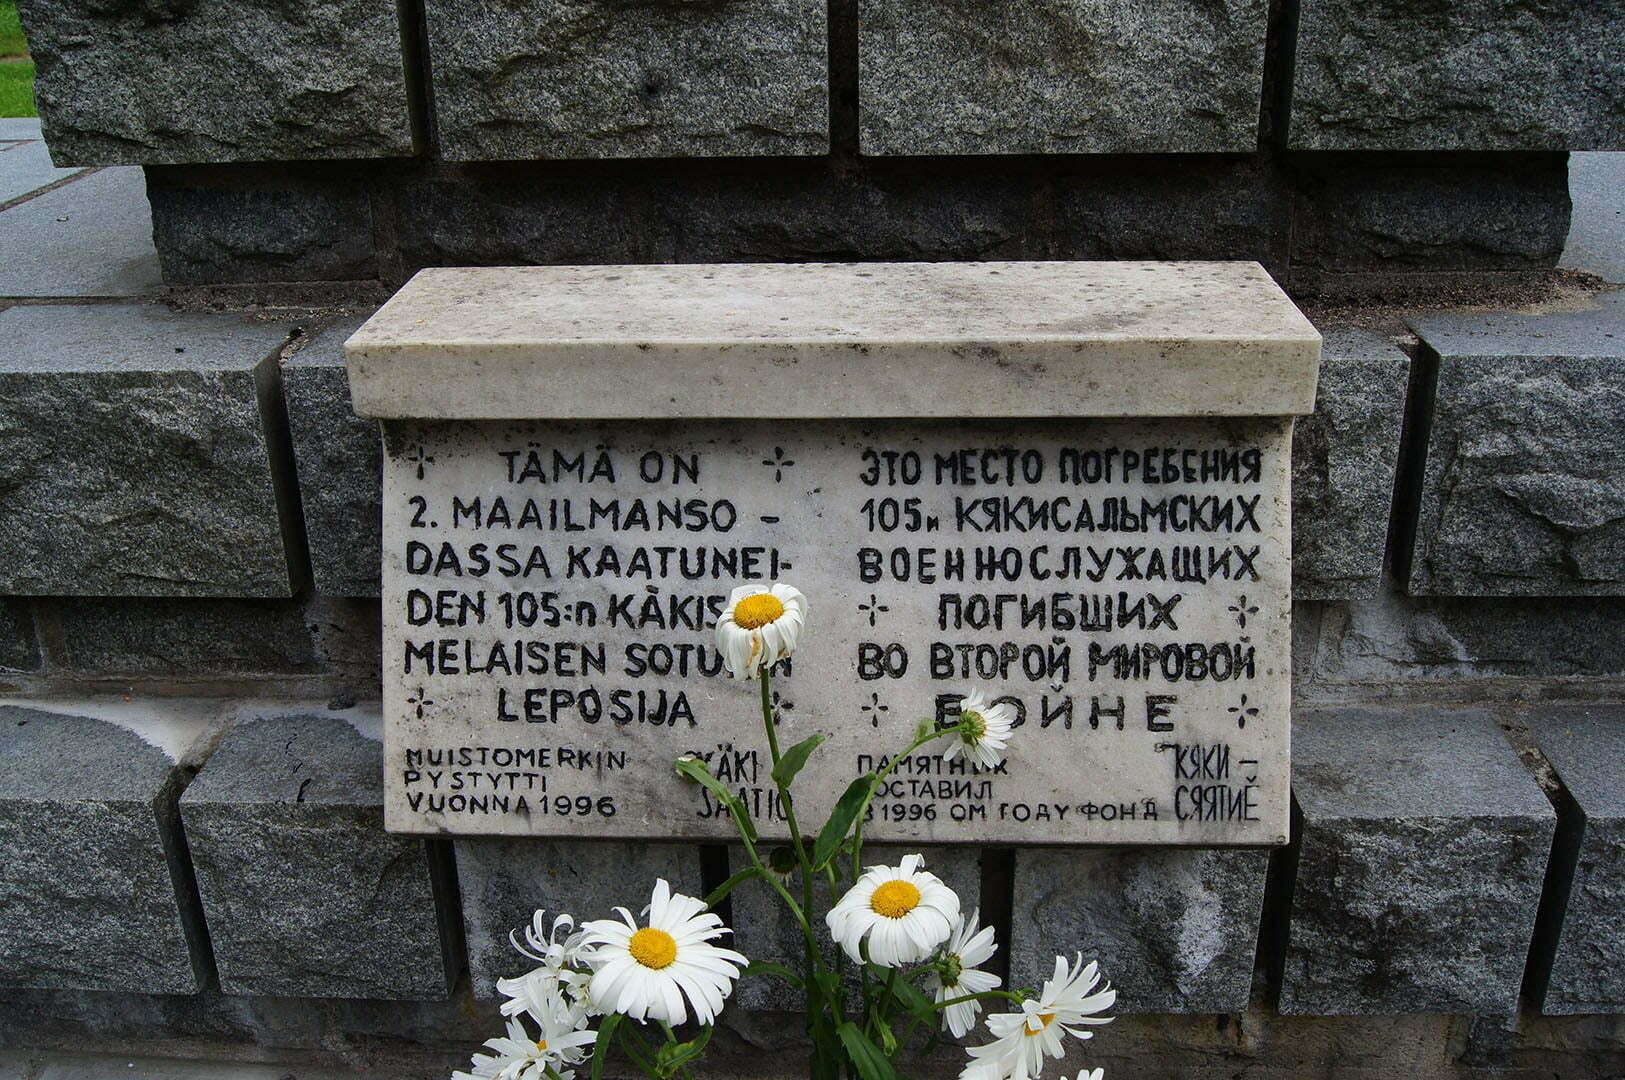 Место погребения 105 кякисальмских военнослужащих, погибших во Второй Мировой войне. Приозерск